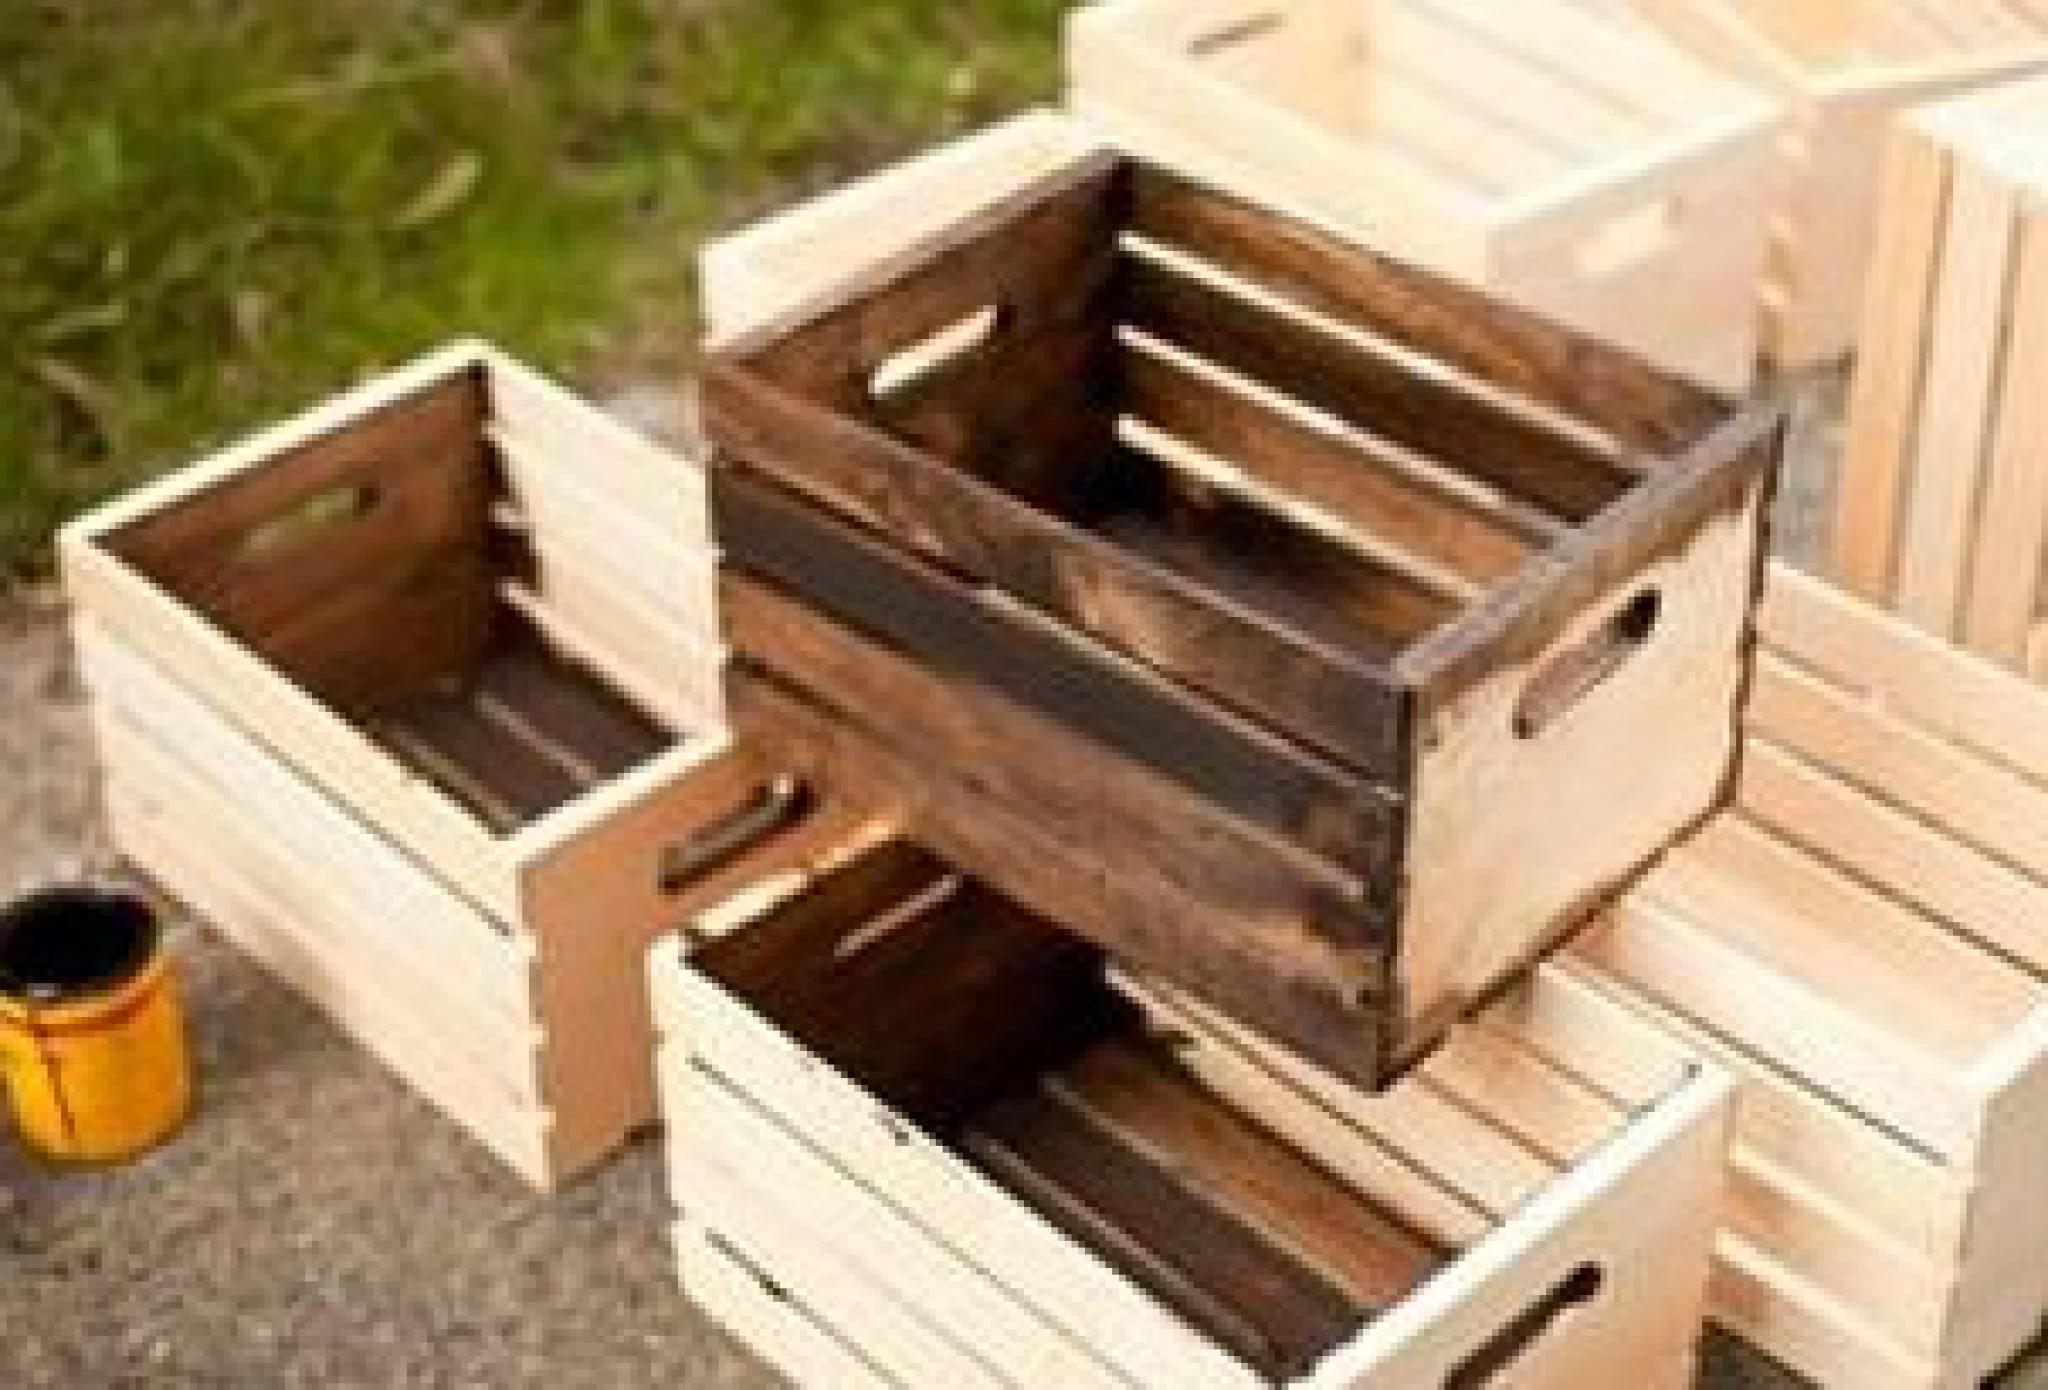 Поделка из деревянного ящика